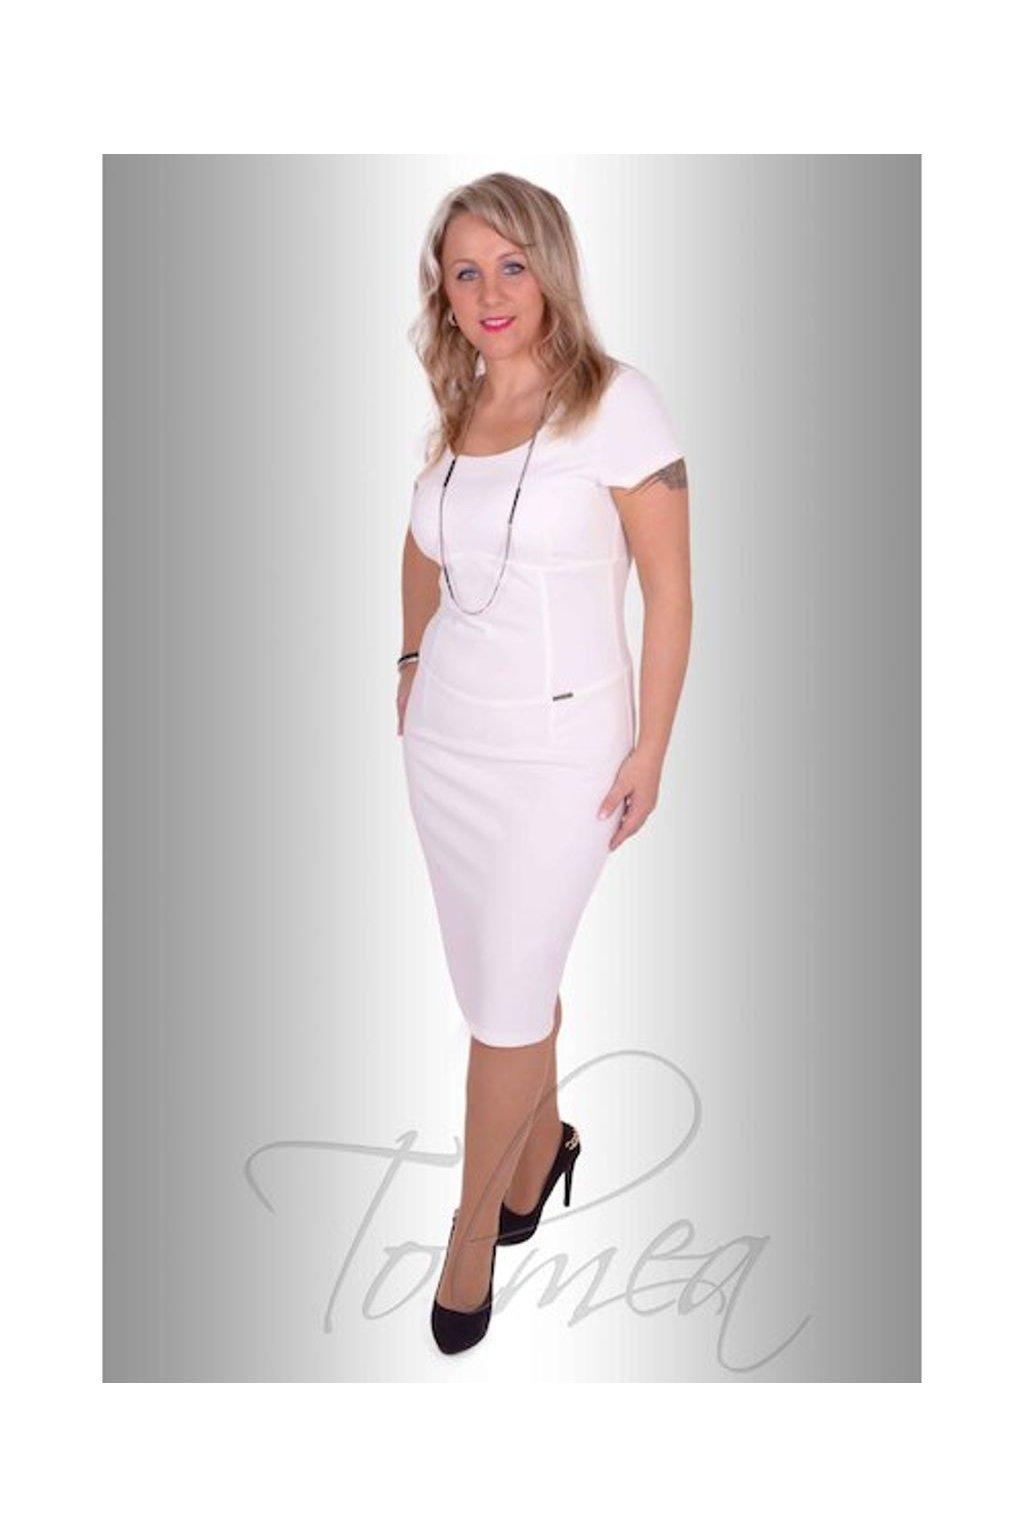 Šaty lacosta pouzdrové (Velikost 36, Barva Bílá)